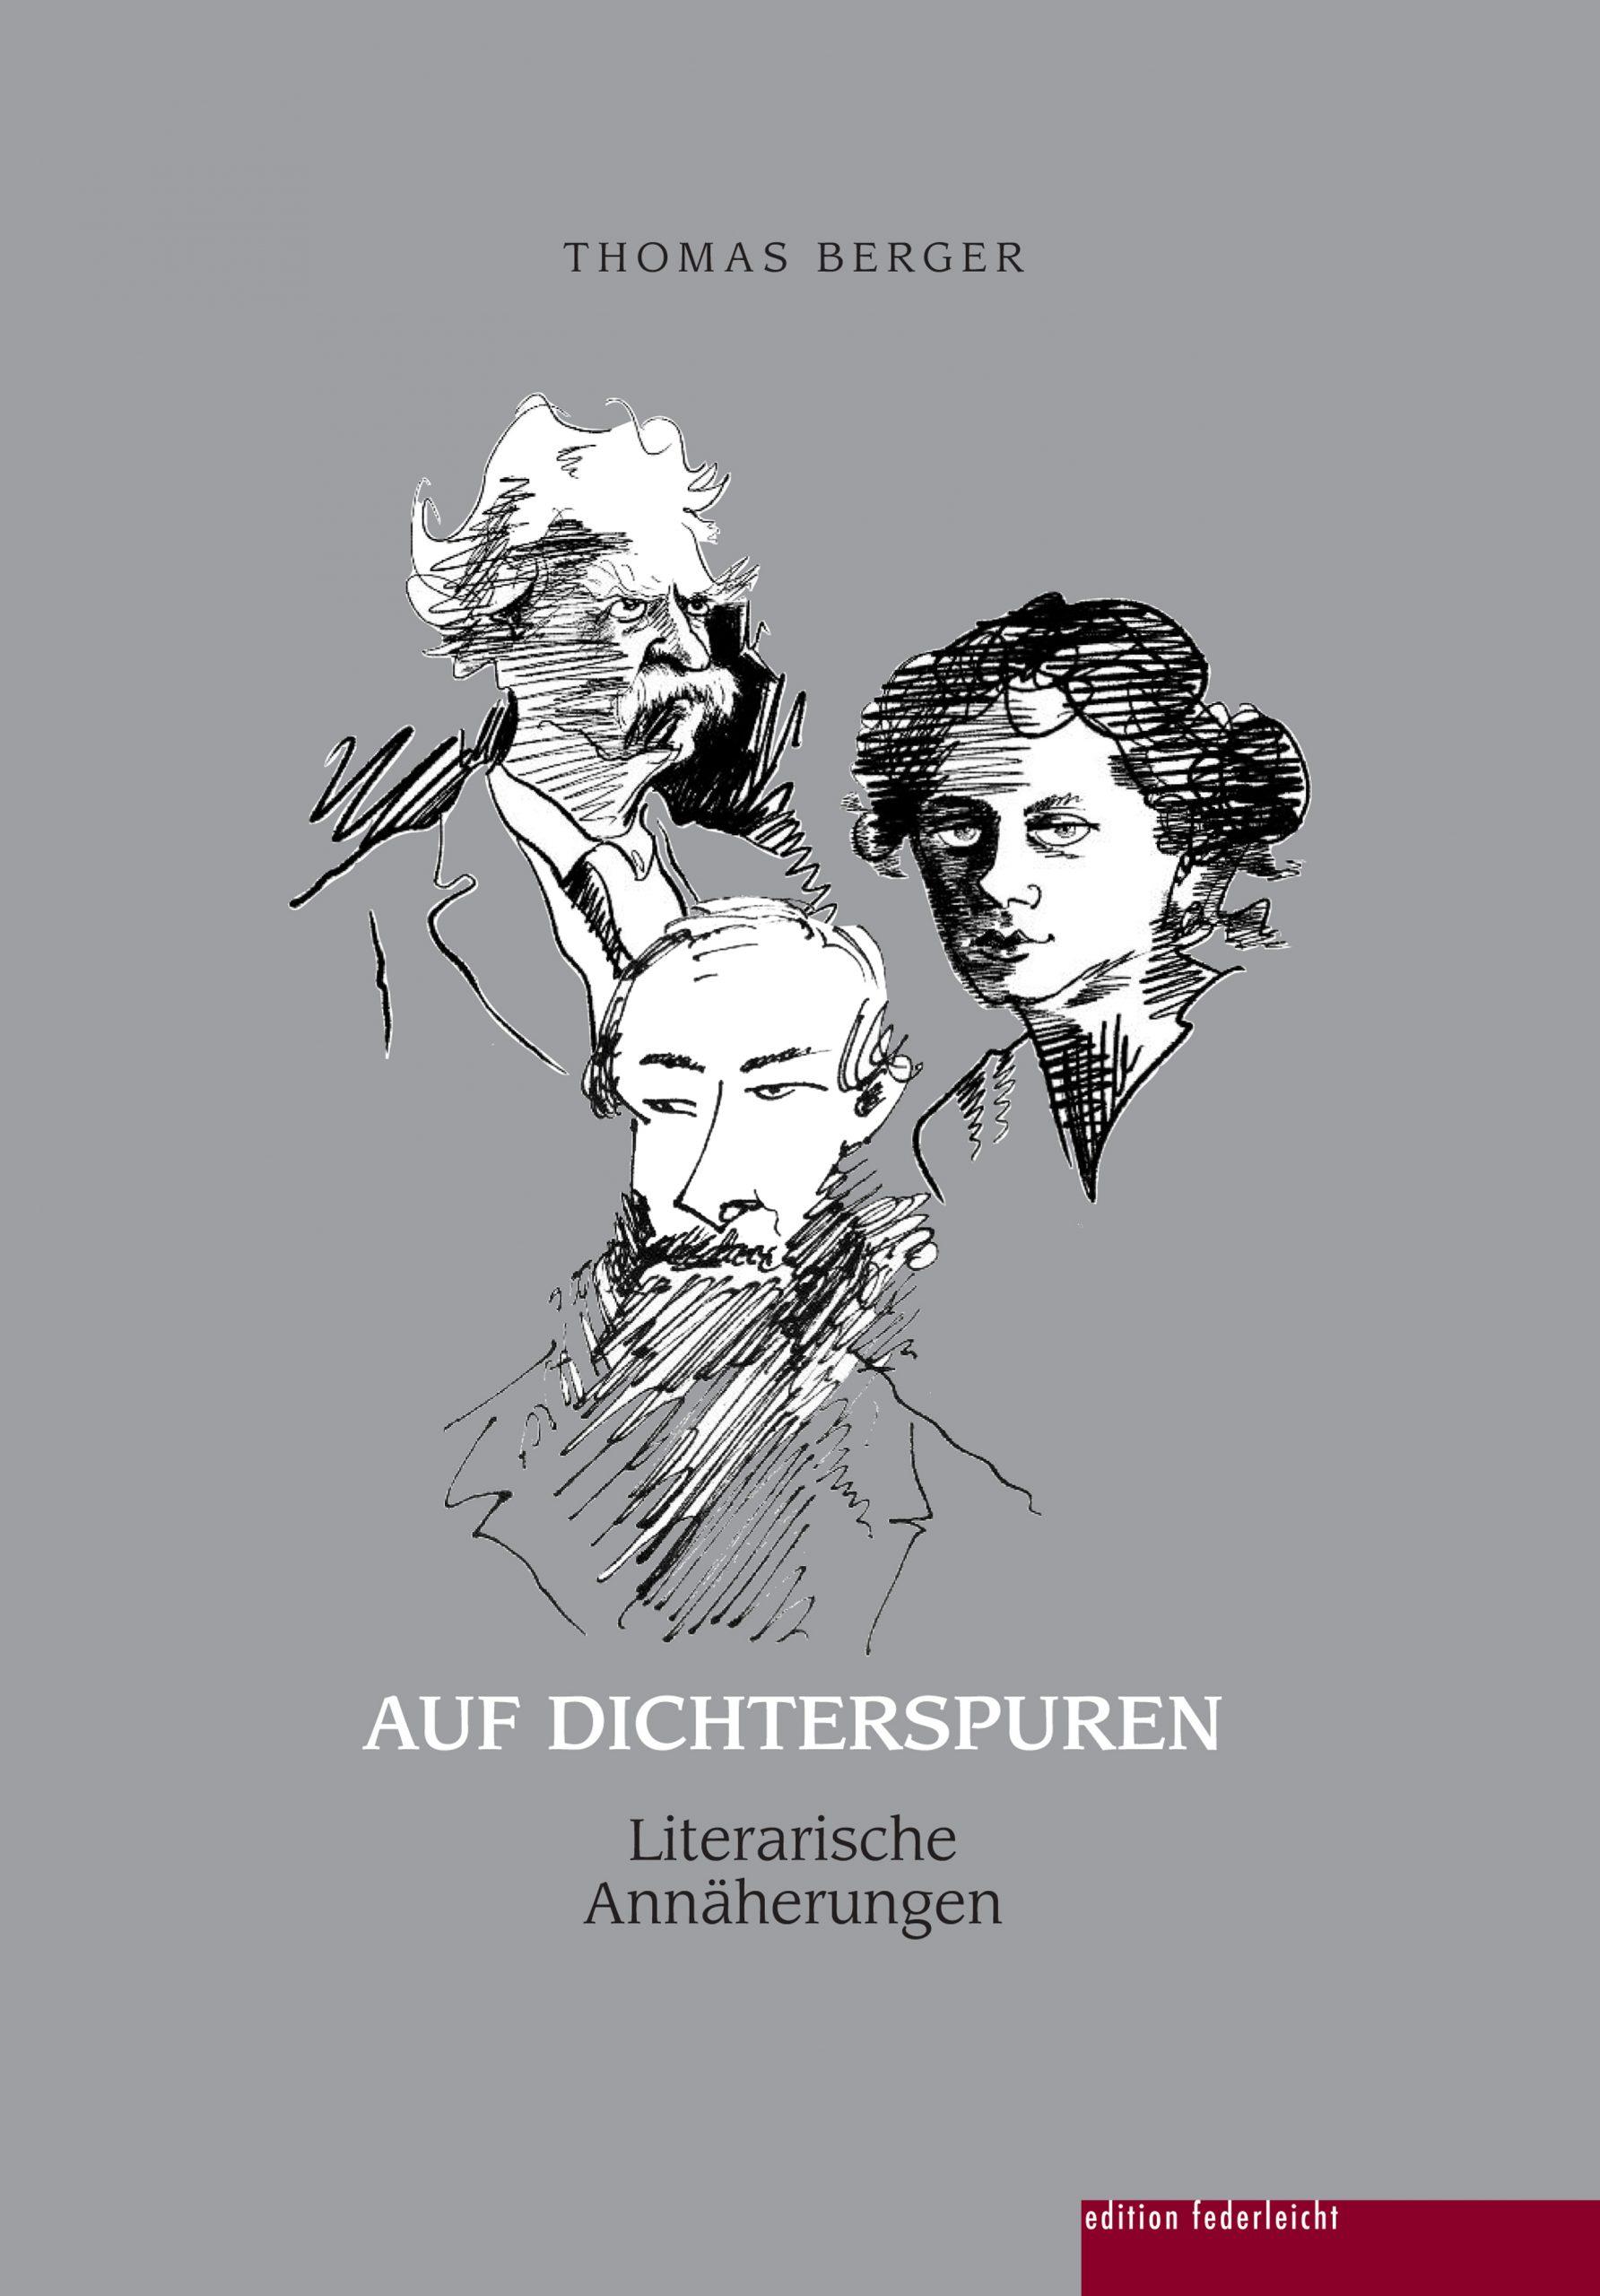 Frankfurter Buchmesse #fbm digital – Thomas Berger stellt AUF DICHTERSPRUREN vor